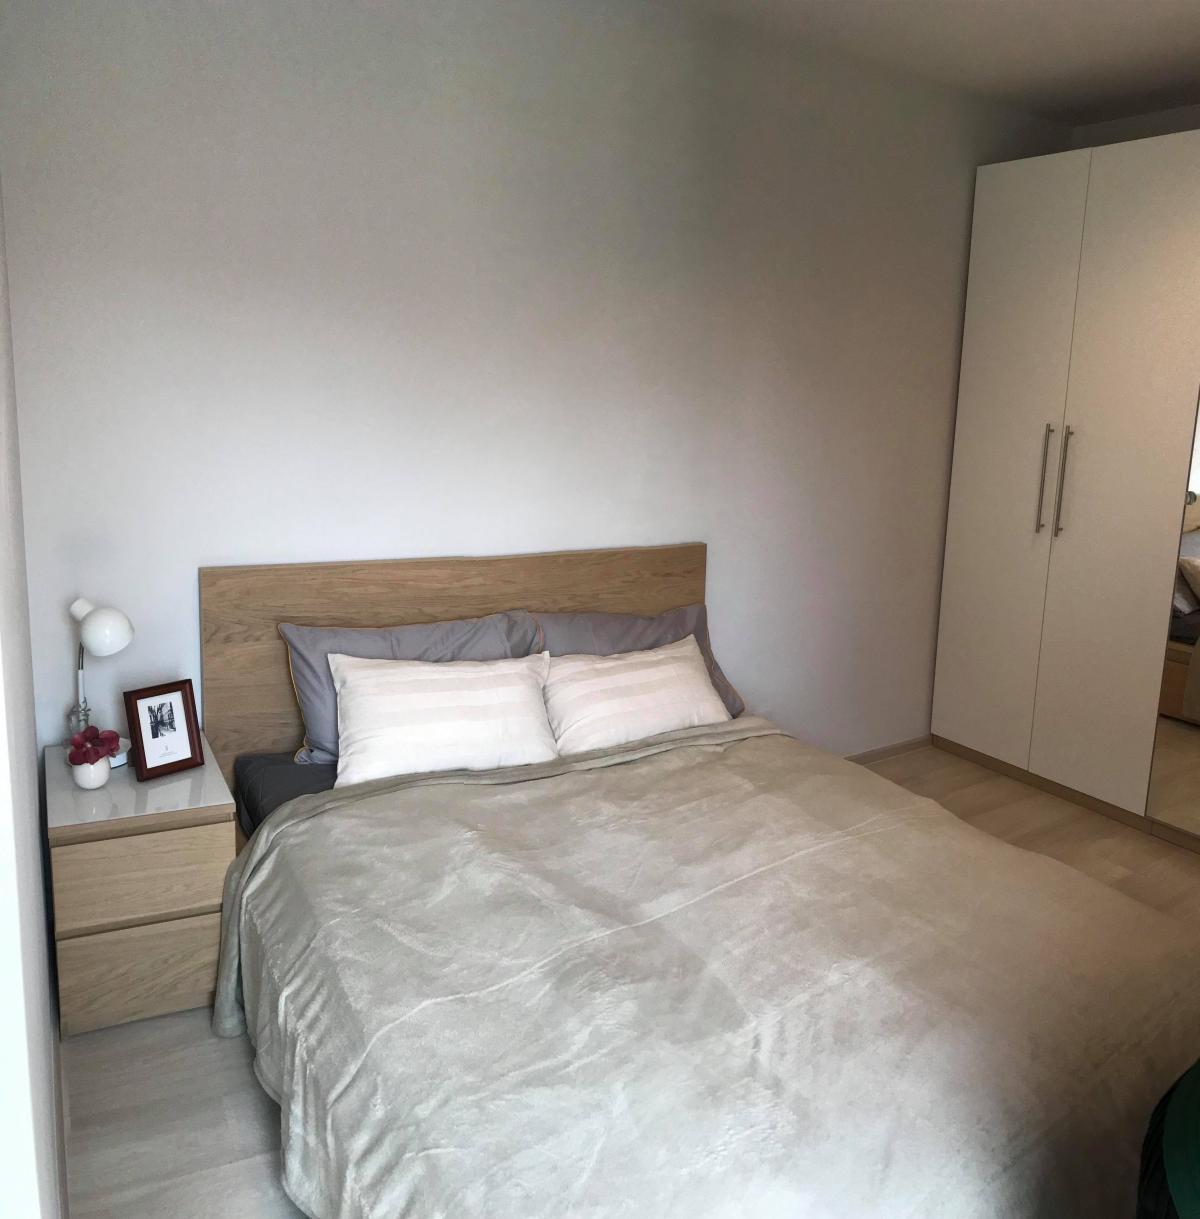 เช่าคอนโดวิทยุ ชิดลม หลังสวน : ให้เช่าคอนโด 2 ห้องนอน Life One Wireless 45 ตารางเมตร